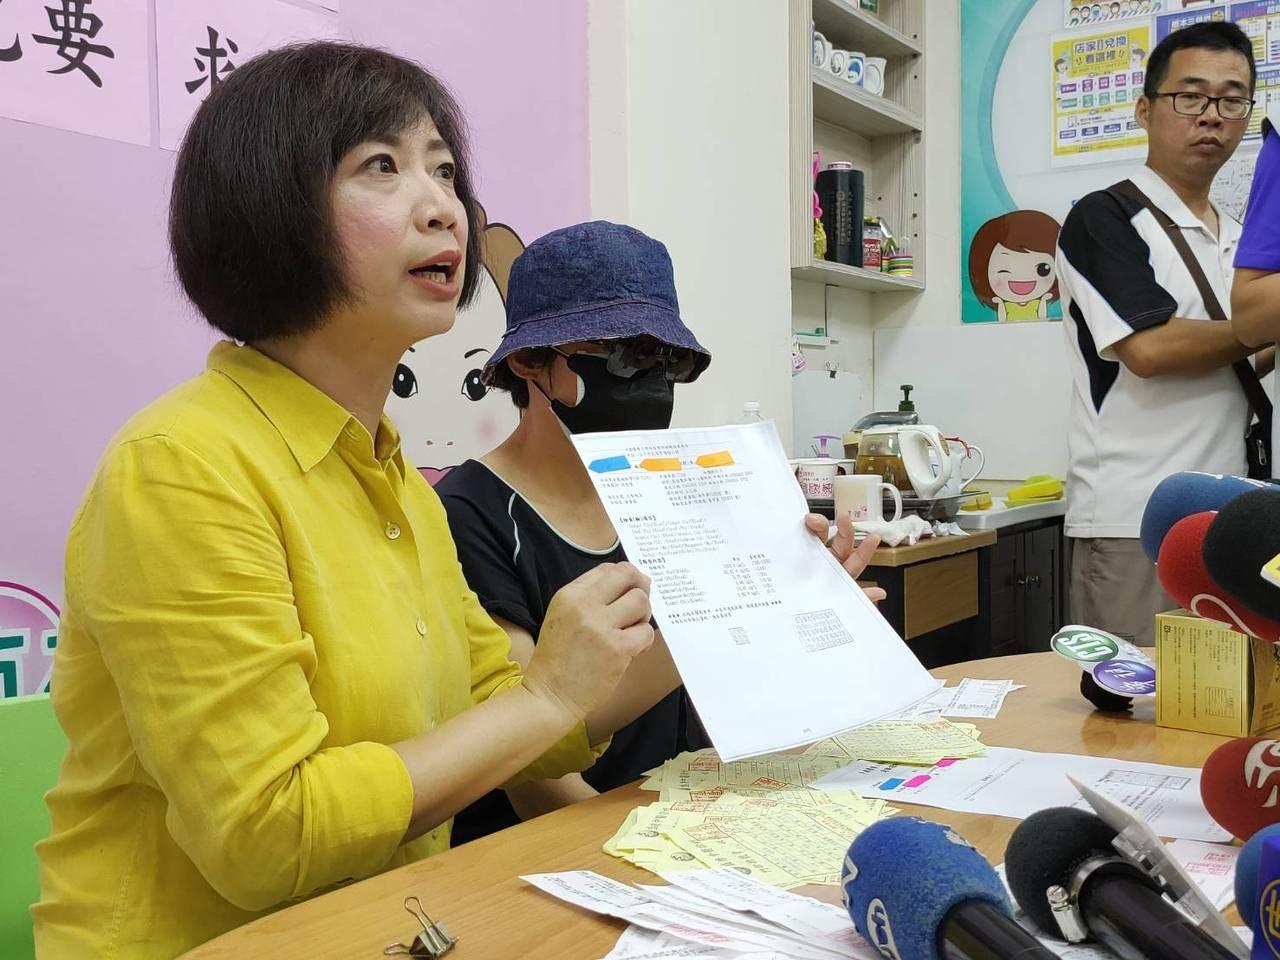 何姓婦人(中)向立委何欣純(左)求助,指罹癌想改善化療不適,向盛唐中醫診所求診,因此鉛中毒達60mg/dl。記者黃寅/攝影